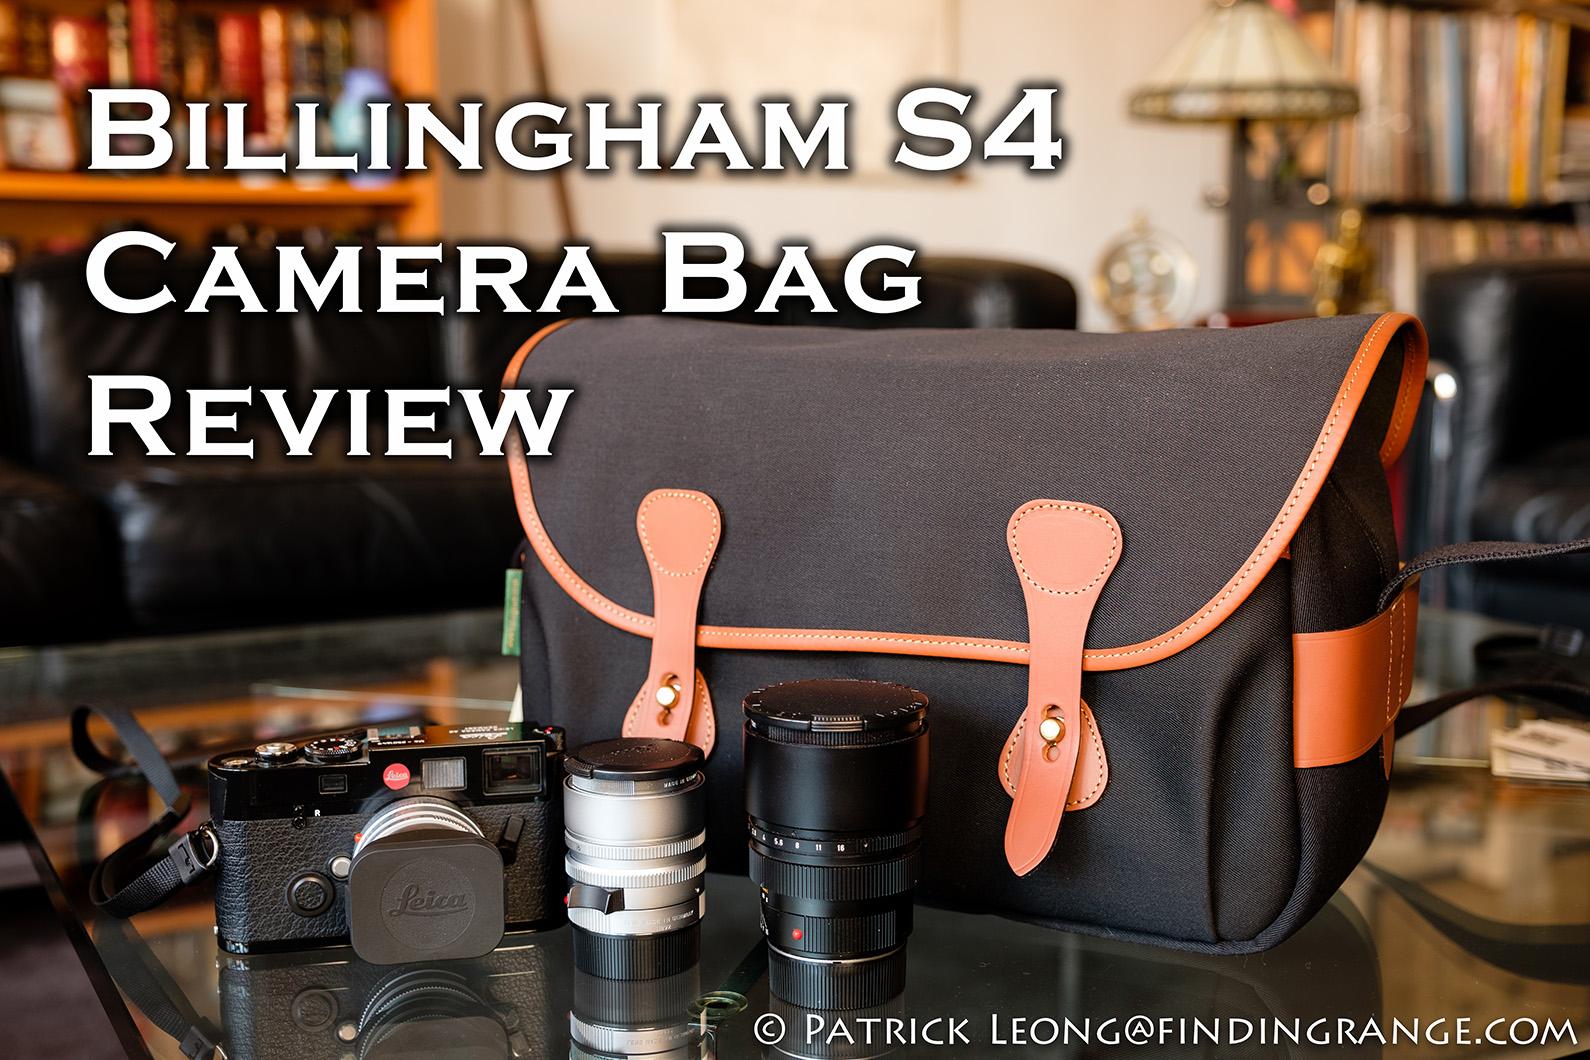 billingham-s4-camera-bag-review-11